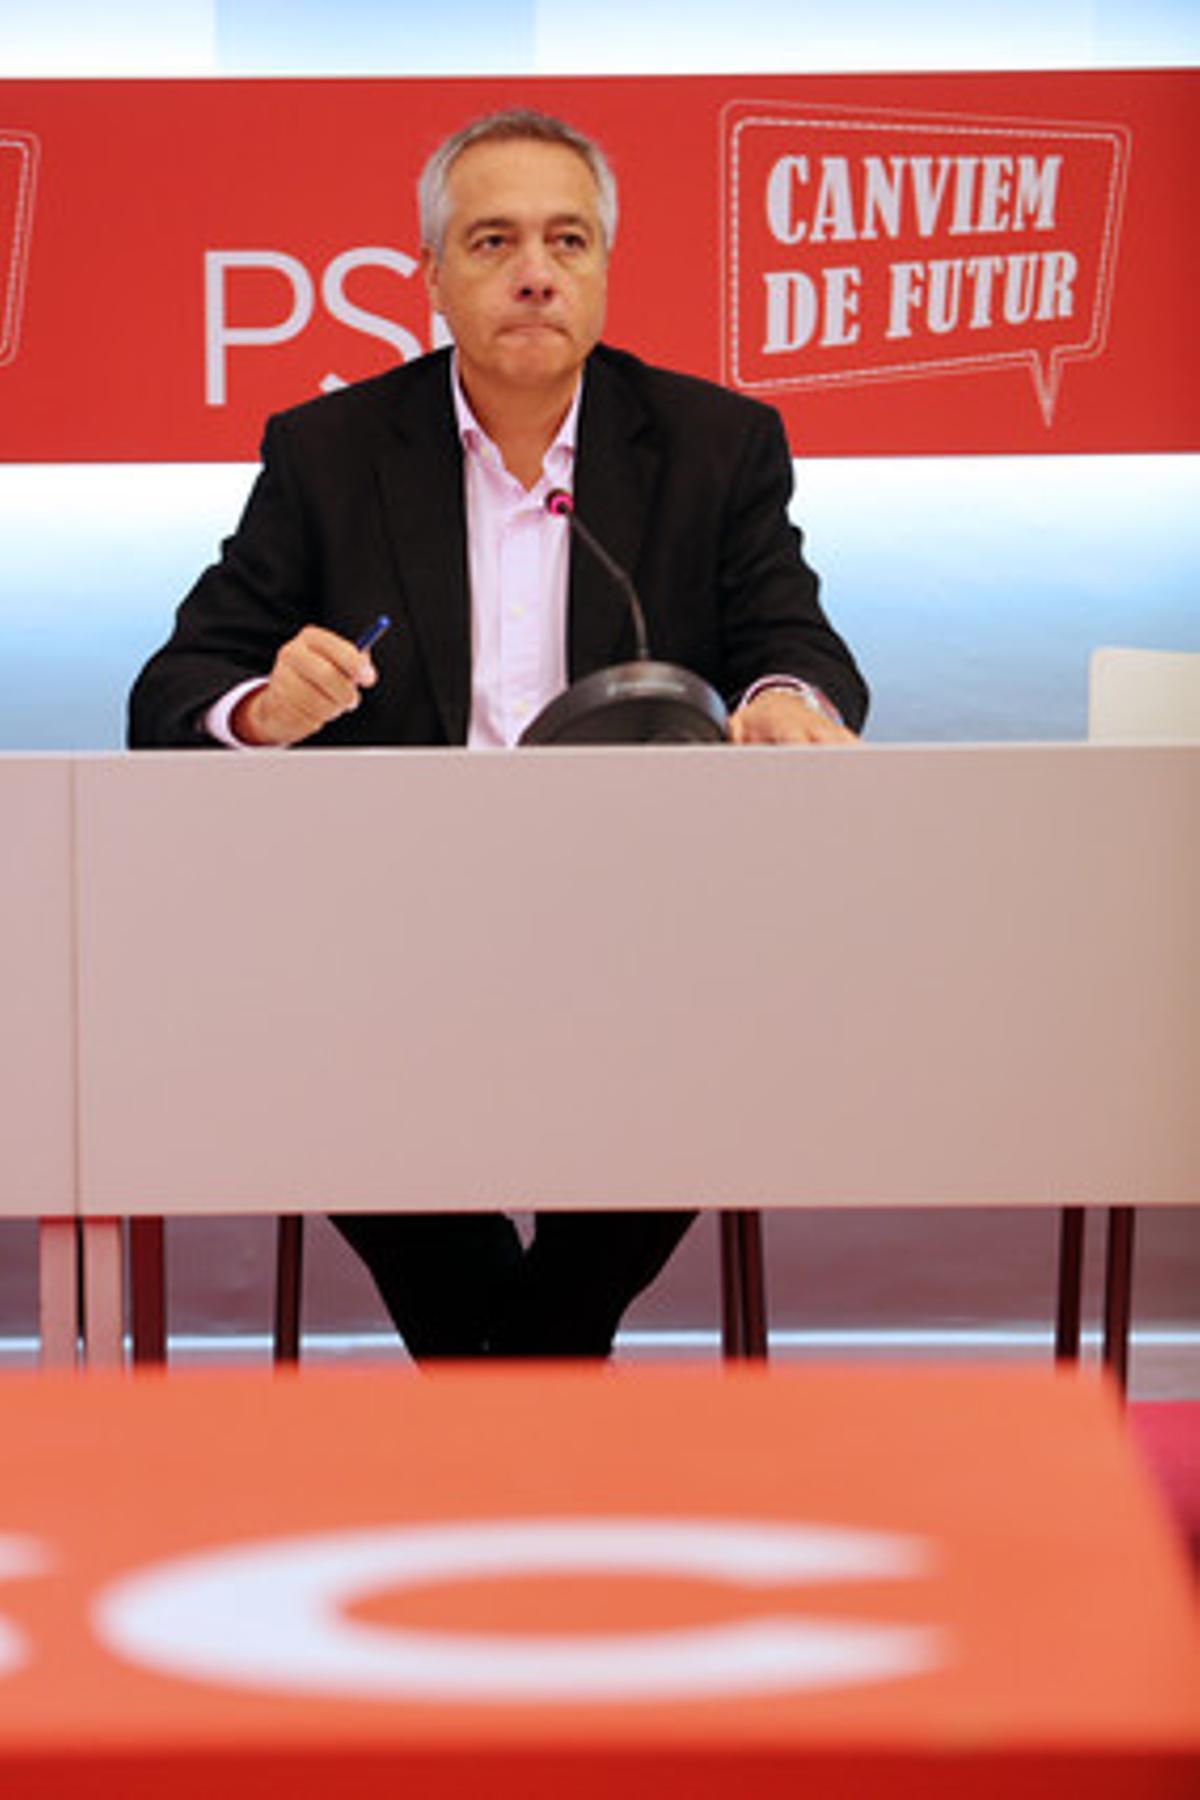 Pere Navarro, primer secretario del PSC, interviene en la reunión del Grupo Parlamentario Socialista en la sede del partido.